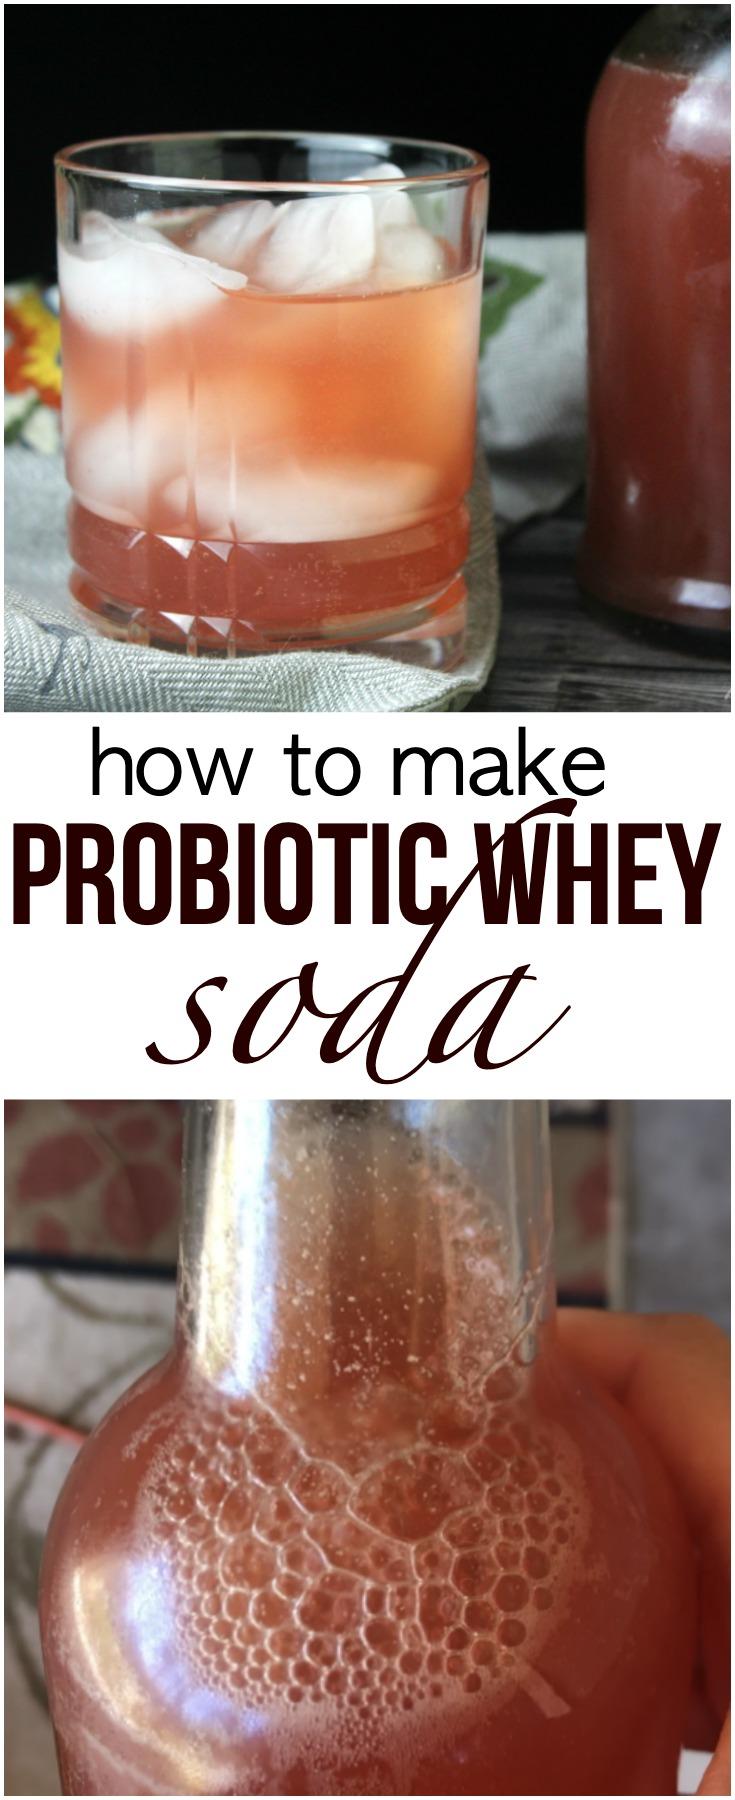 Probiotic Whey Soda